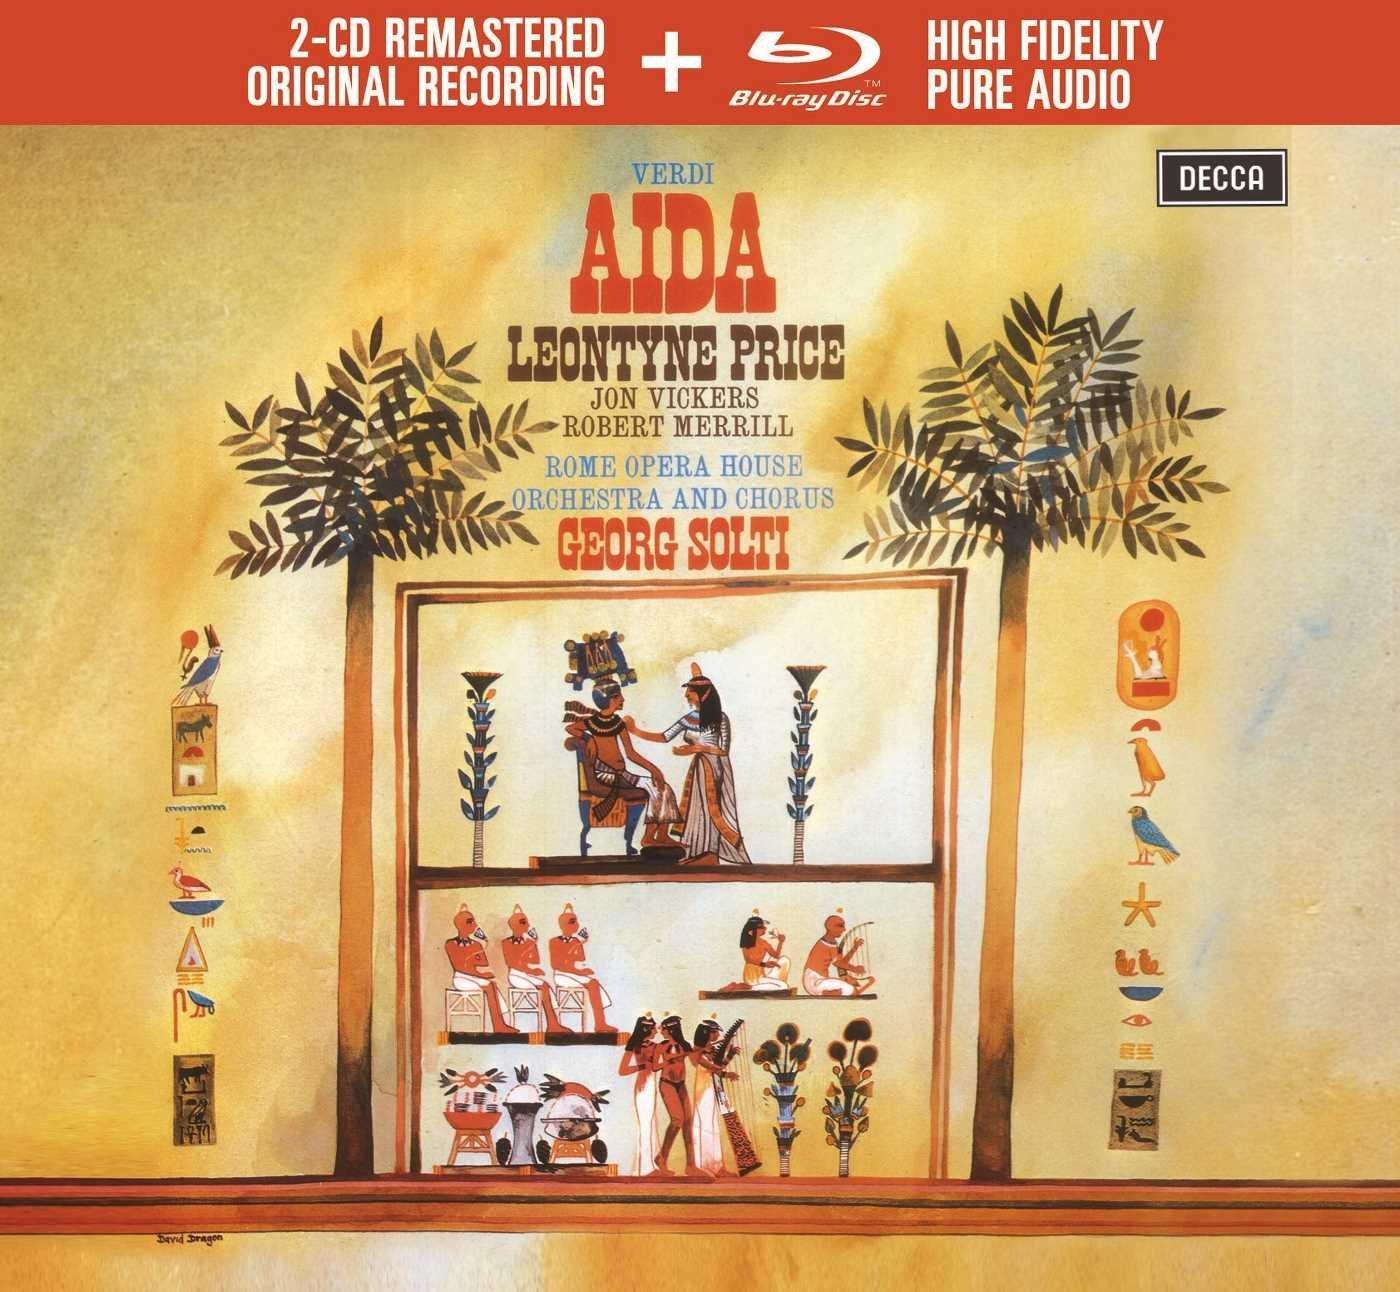 Verdi Aida Leontyne Price/Georg Solti